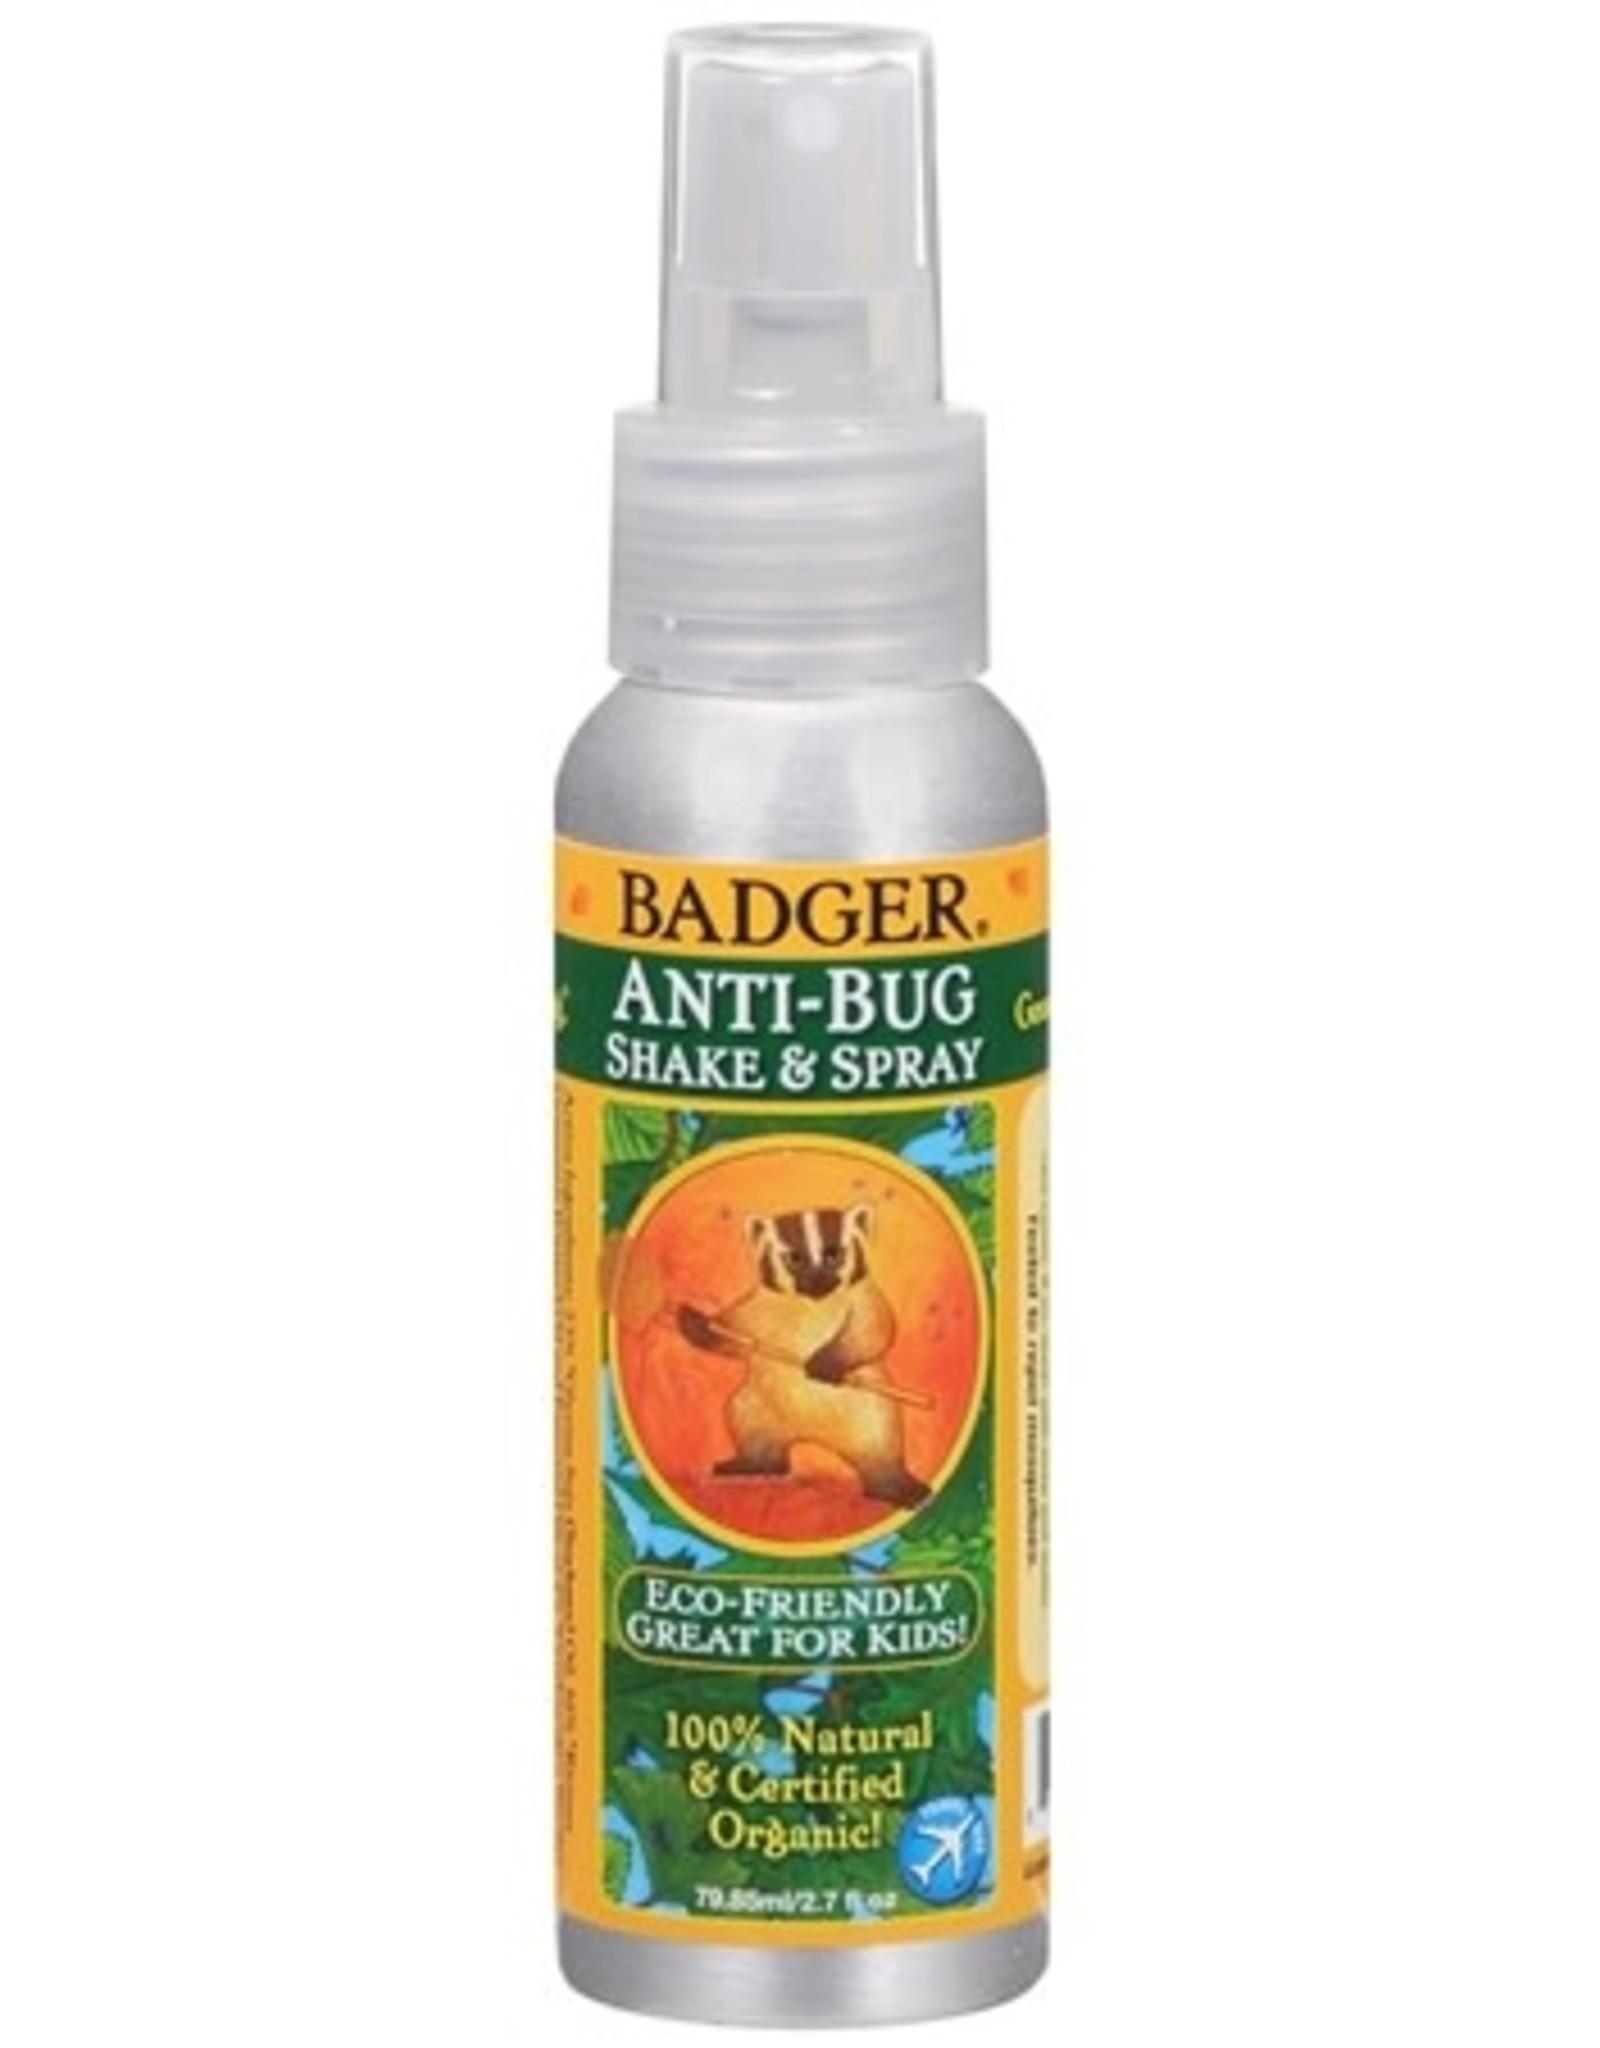 Badger Anti-bug Spray 2.7OZ